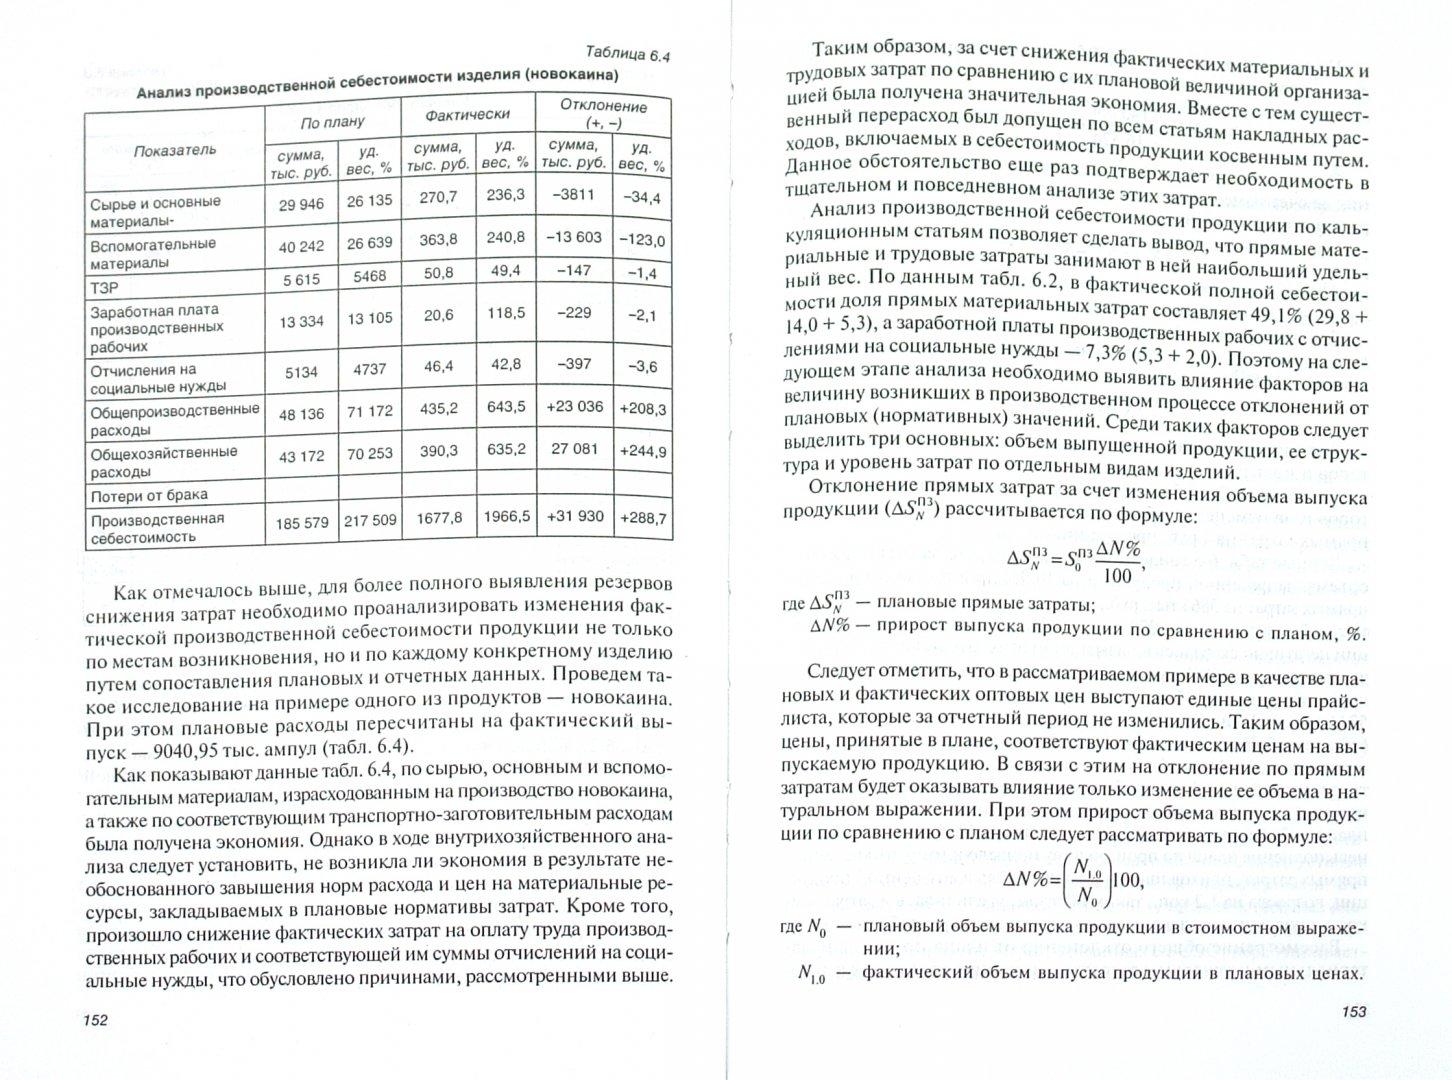 Иллюстрация 1 из 5 для Комплексный экономический анализ хозяйственной деятельности - Денис Лысенко | Лабиринт - книги. Источник: Лабиринт